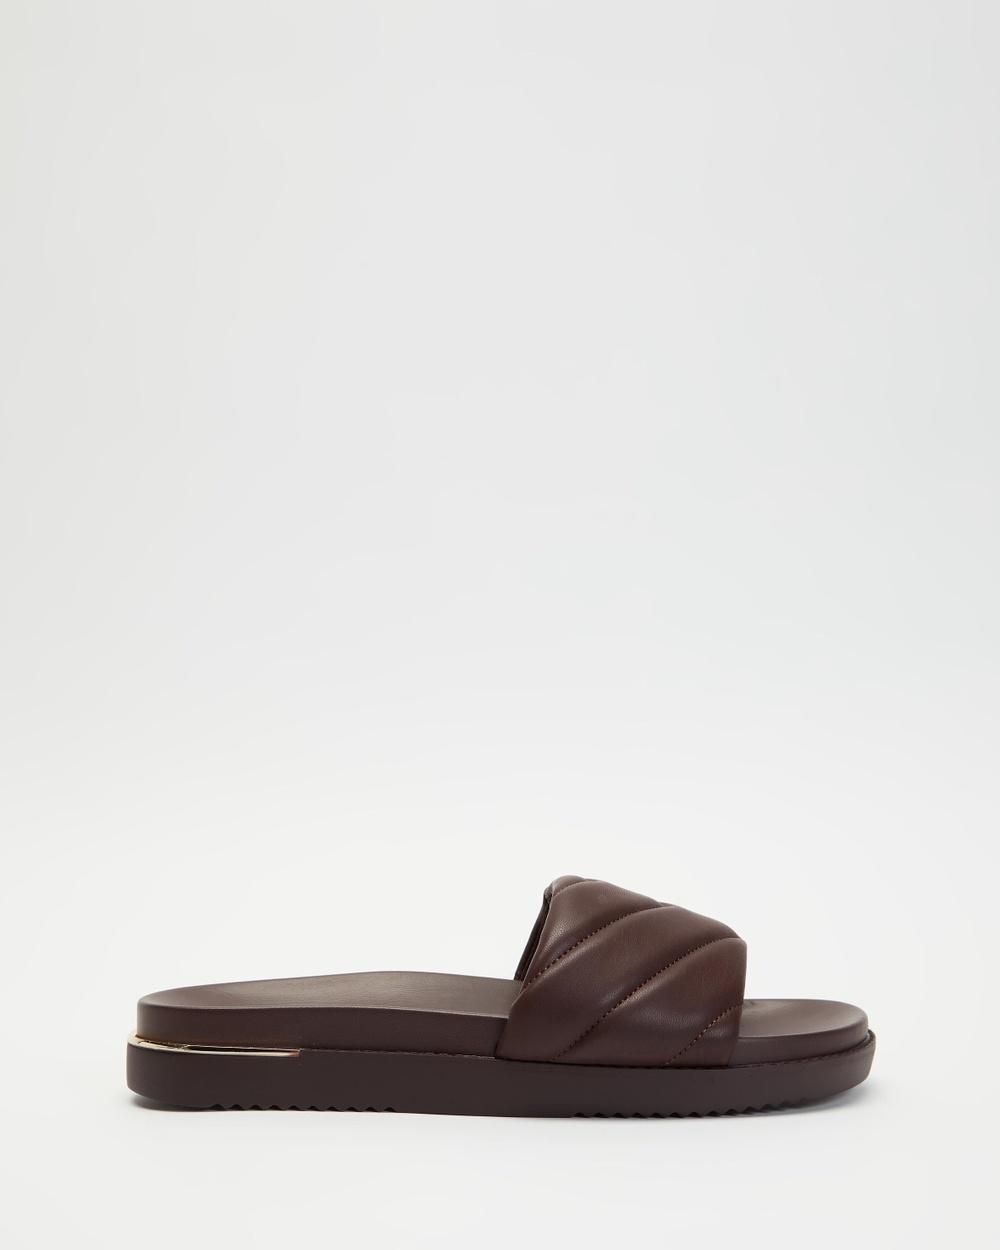 ALDO Acaswen Quilted Slides Sandals Dark Brown